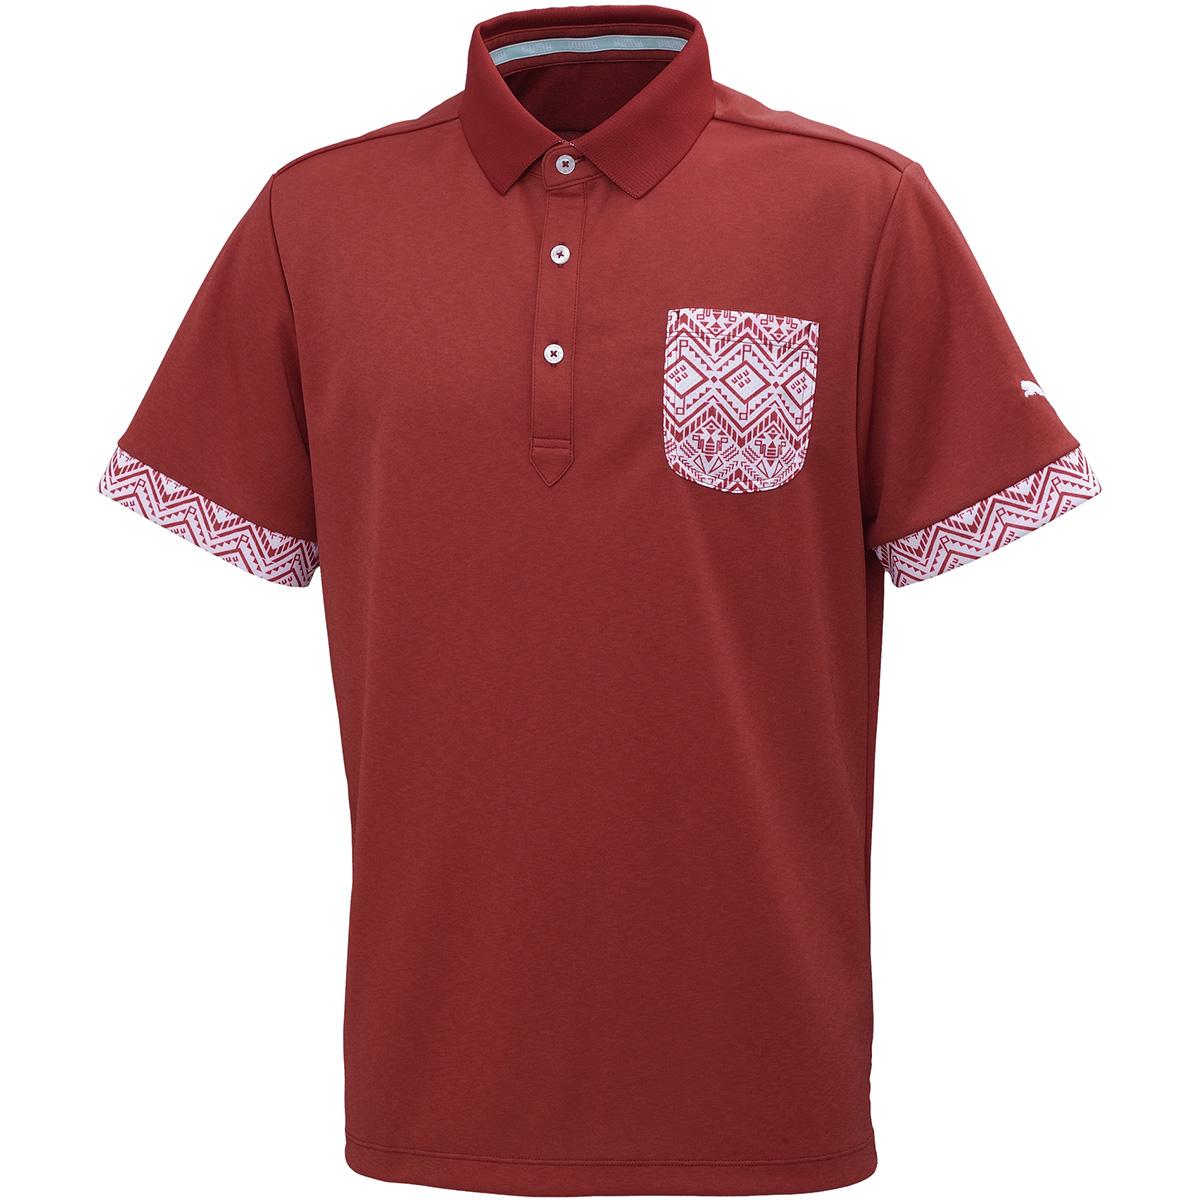 トライバル ポケット 半袖ポロシャツ